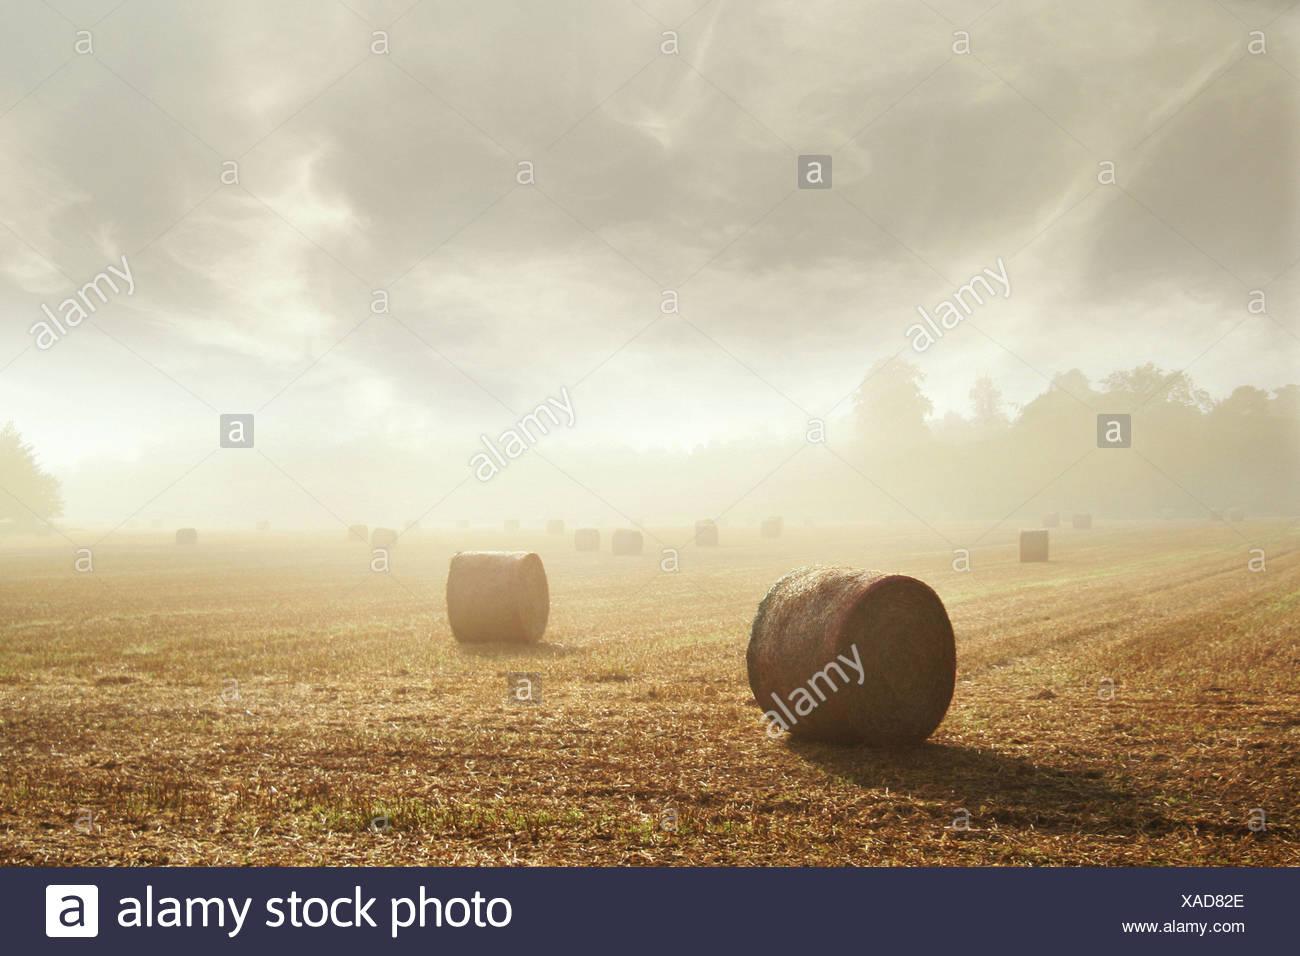 Round balle di fieno in un campo Immagini Stock